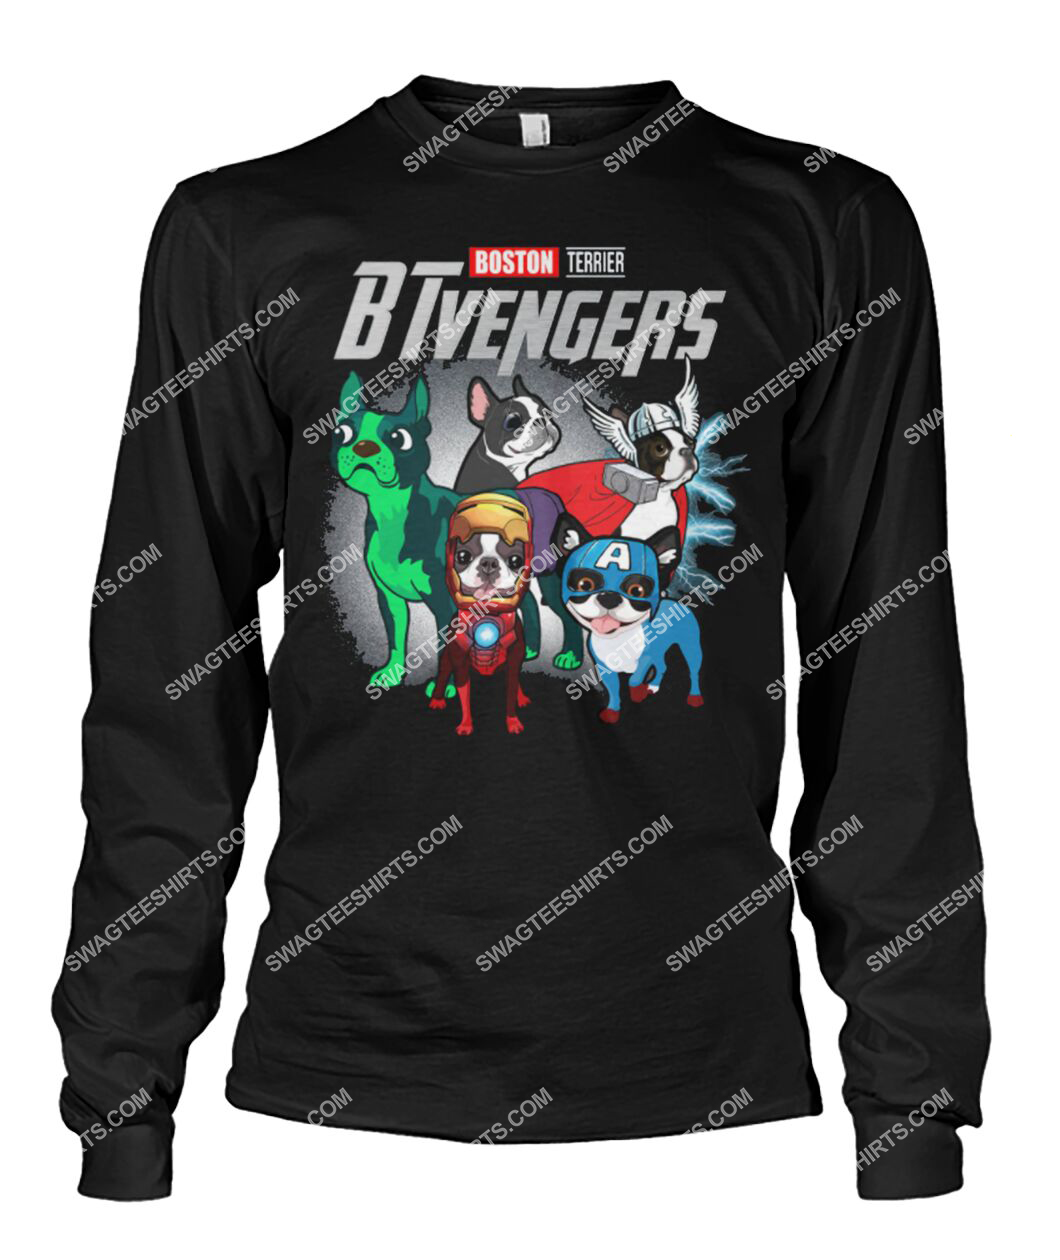 boston terrier btvengers marvel avengers dogs lover sweatshirt 1